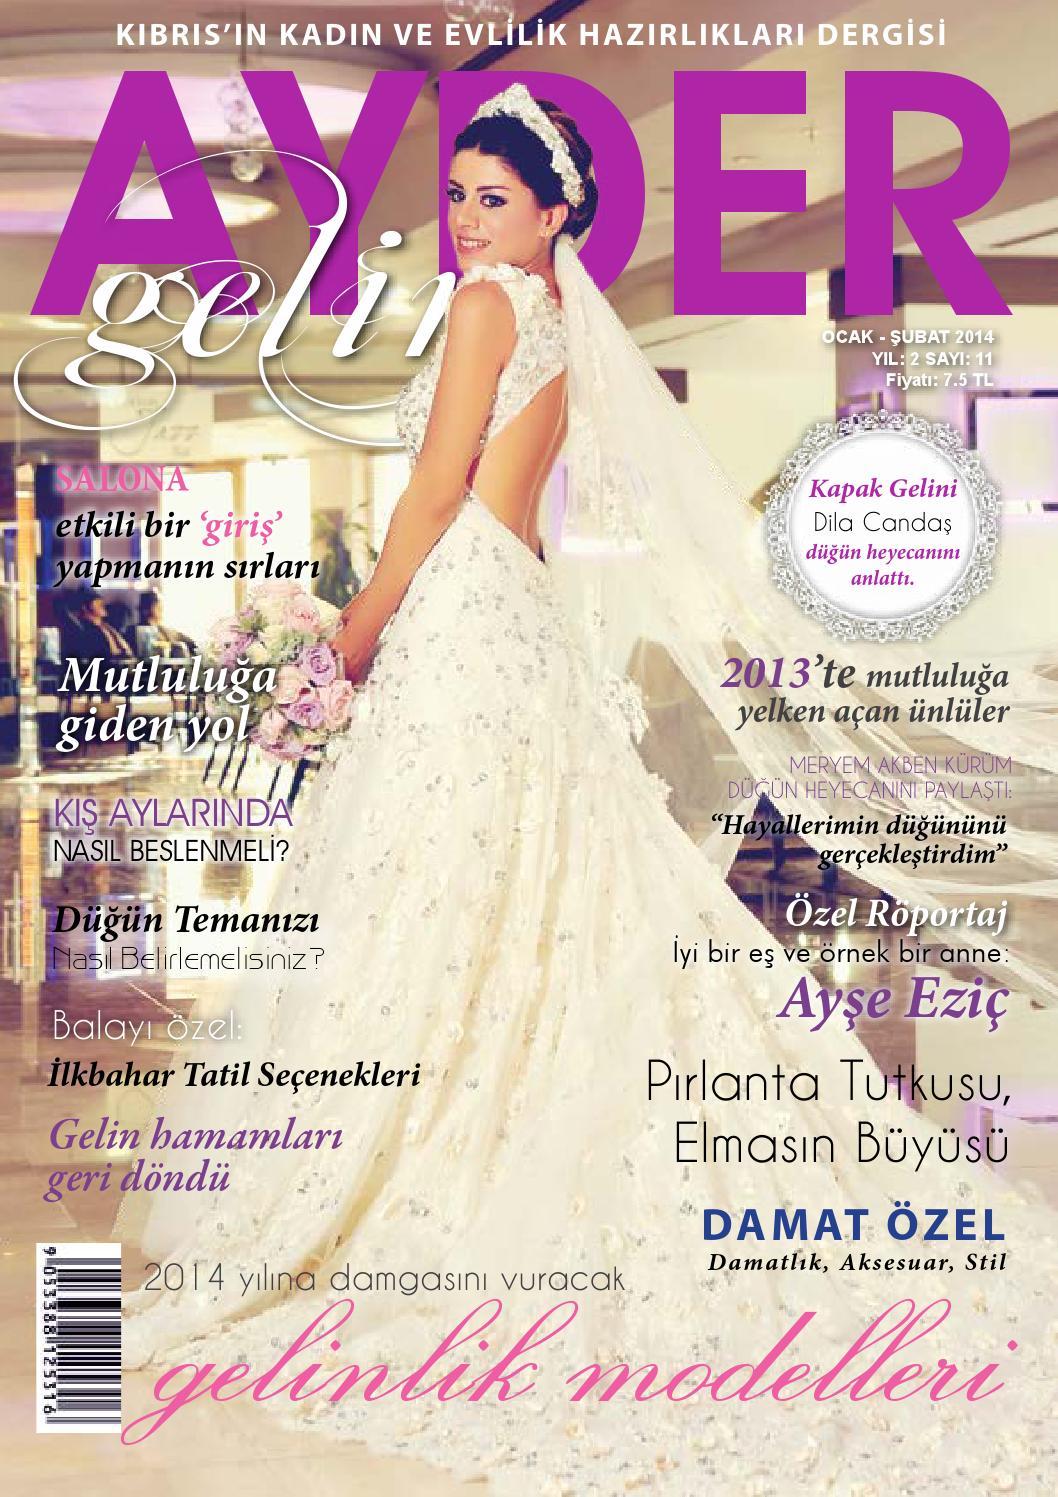 Ayder Gelin Sayı 30 - N.Cyprus Wedding Magazine by ACM I